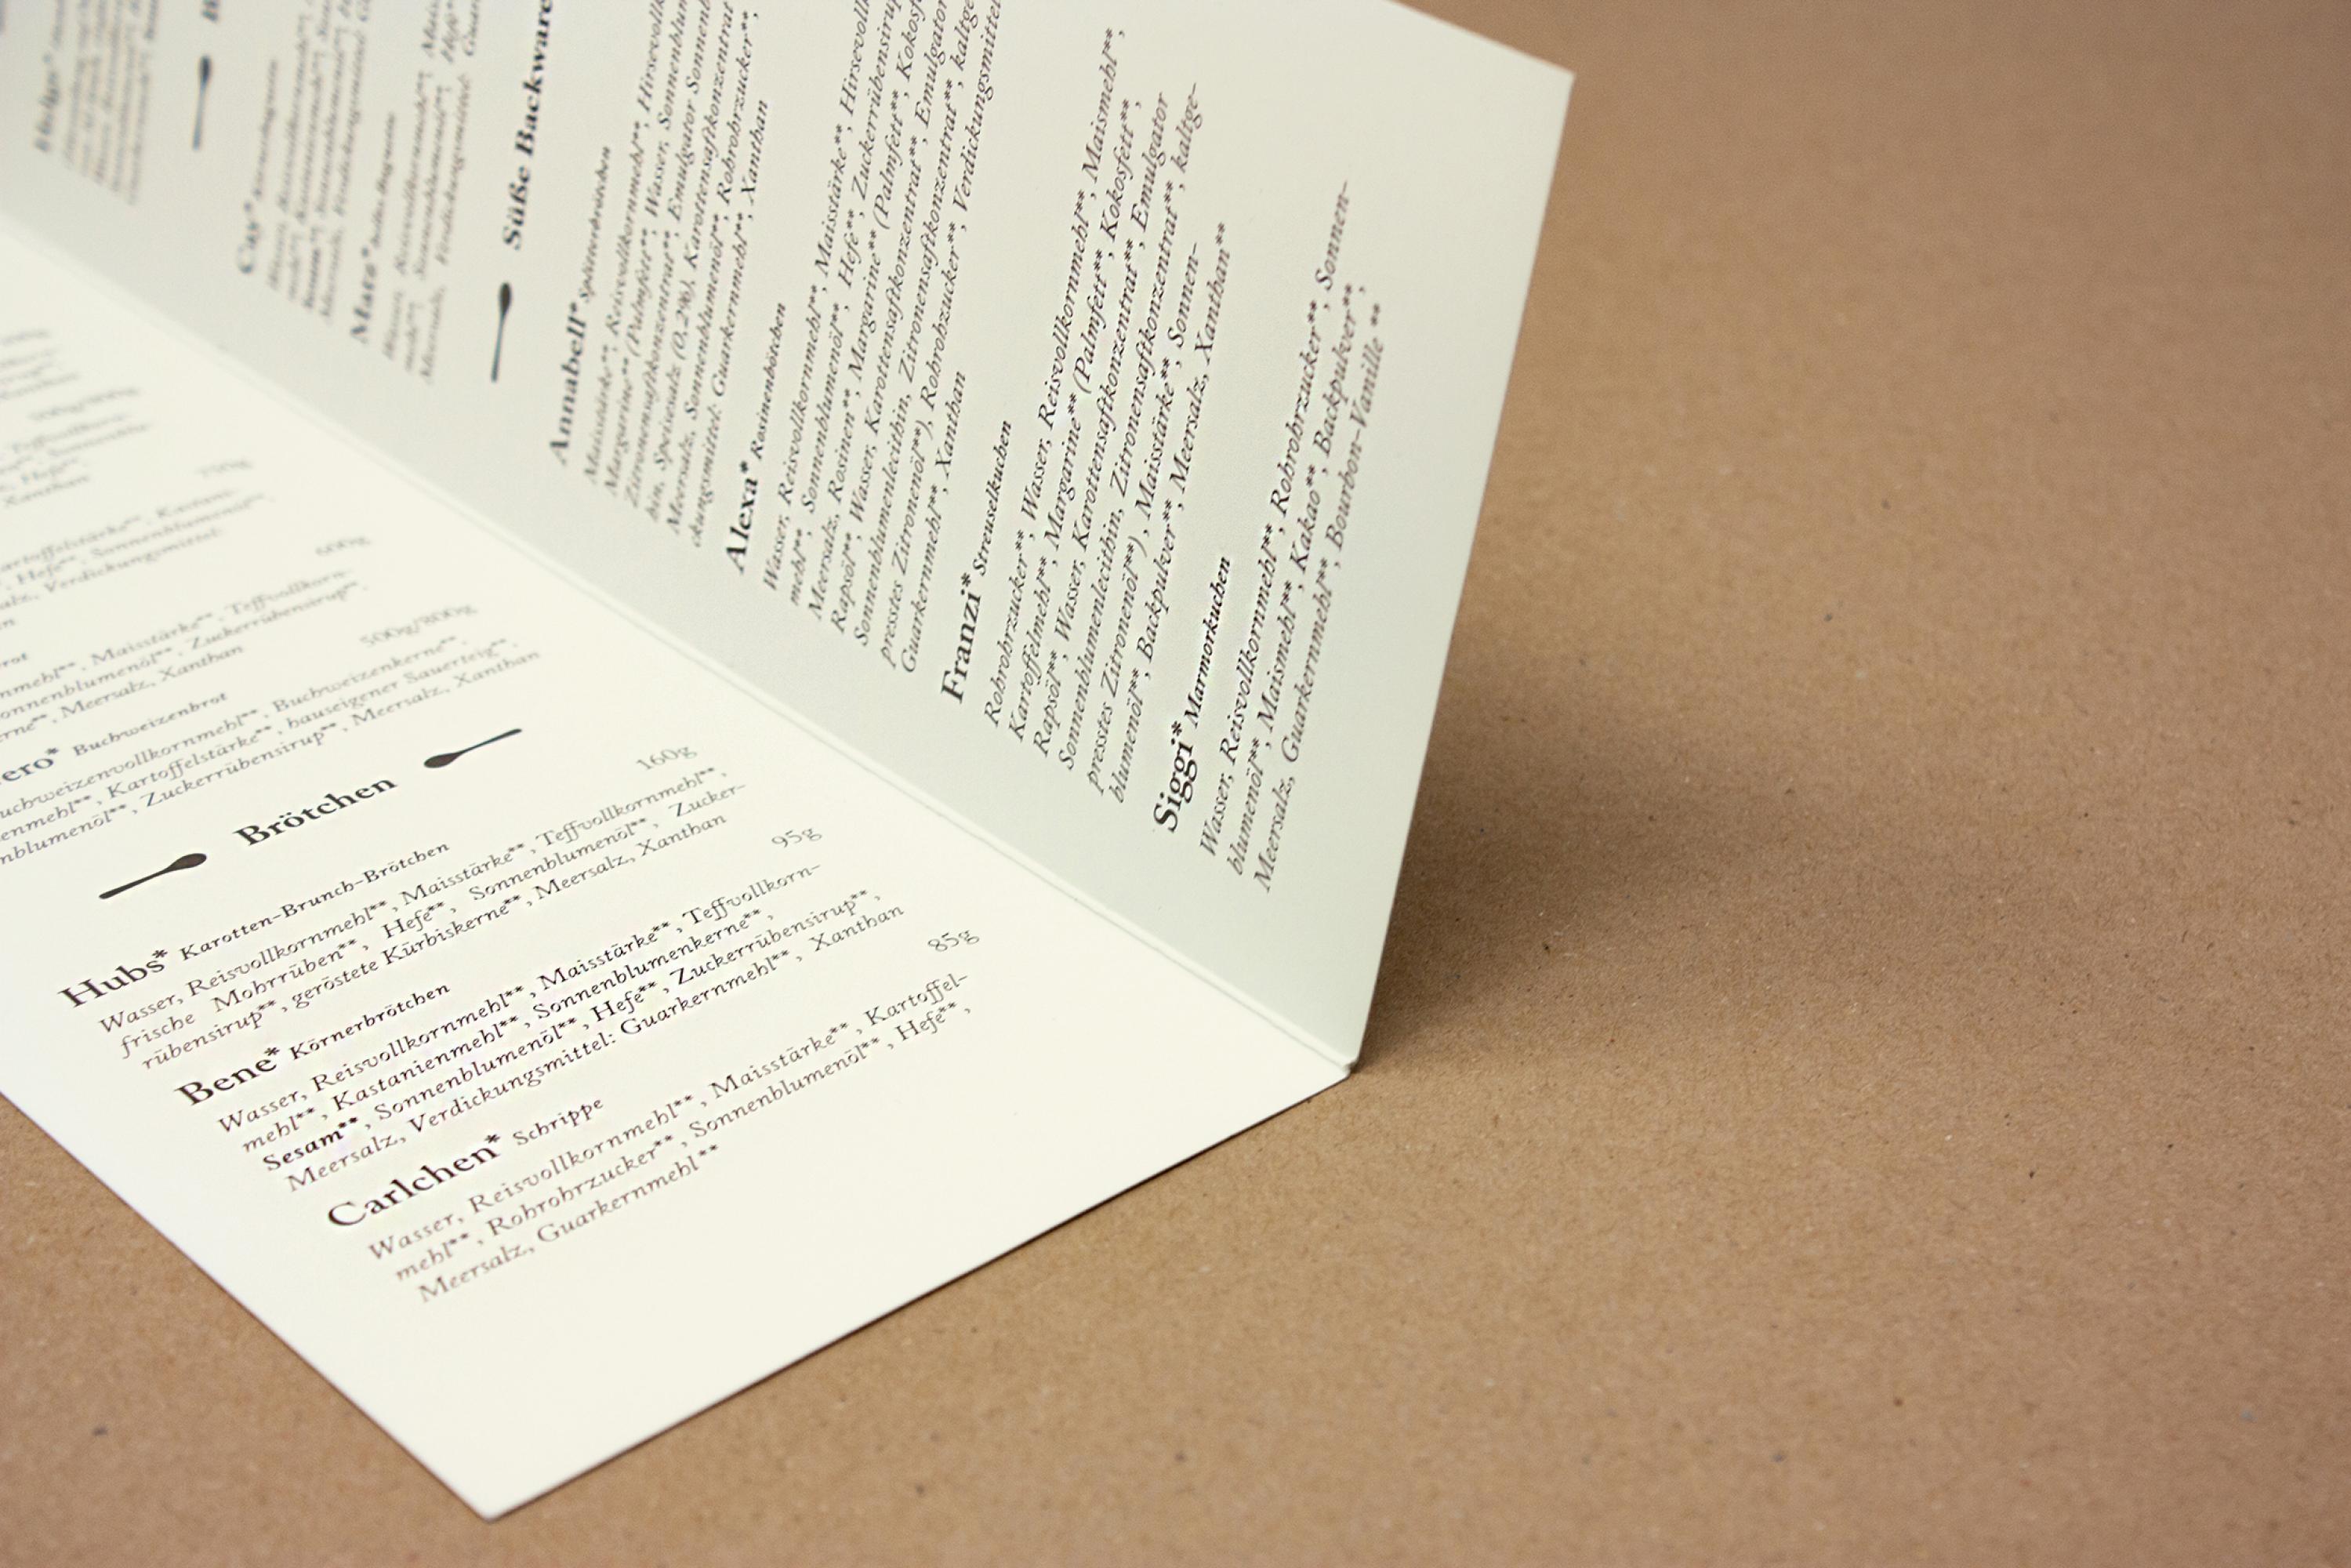 zutatenlise-jute-baeckerei-print-design Kopie